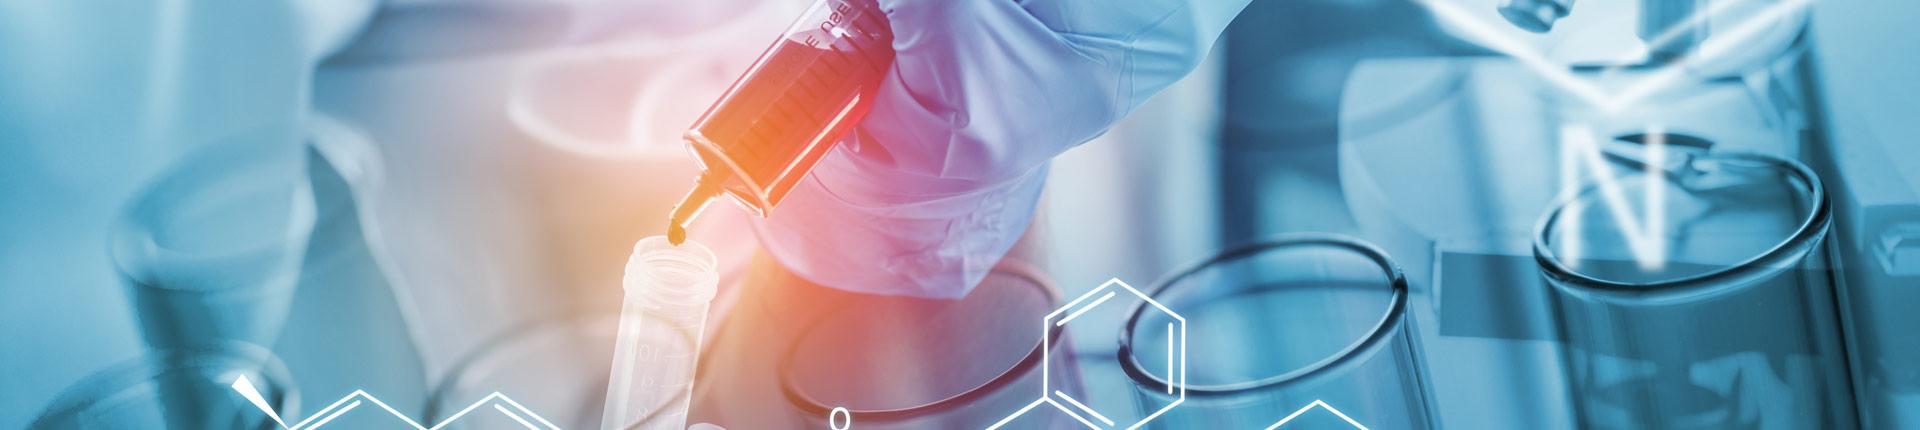 Duże dawki magnezu a cukrzyca iodpowiedź insulinowa